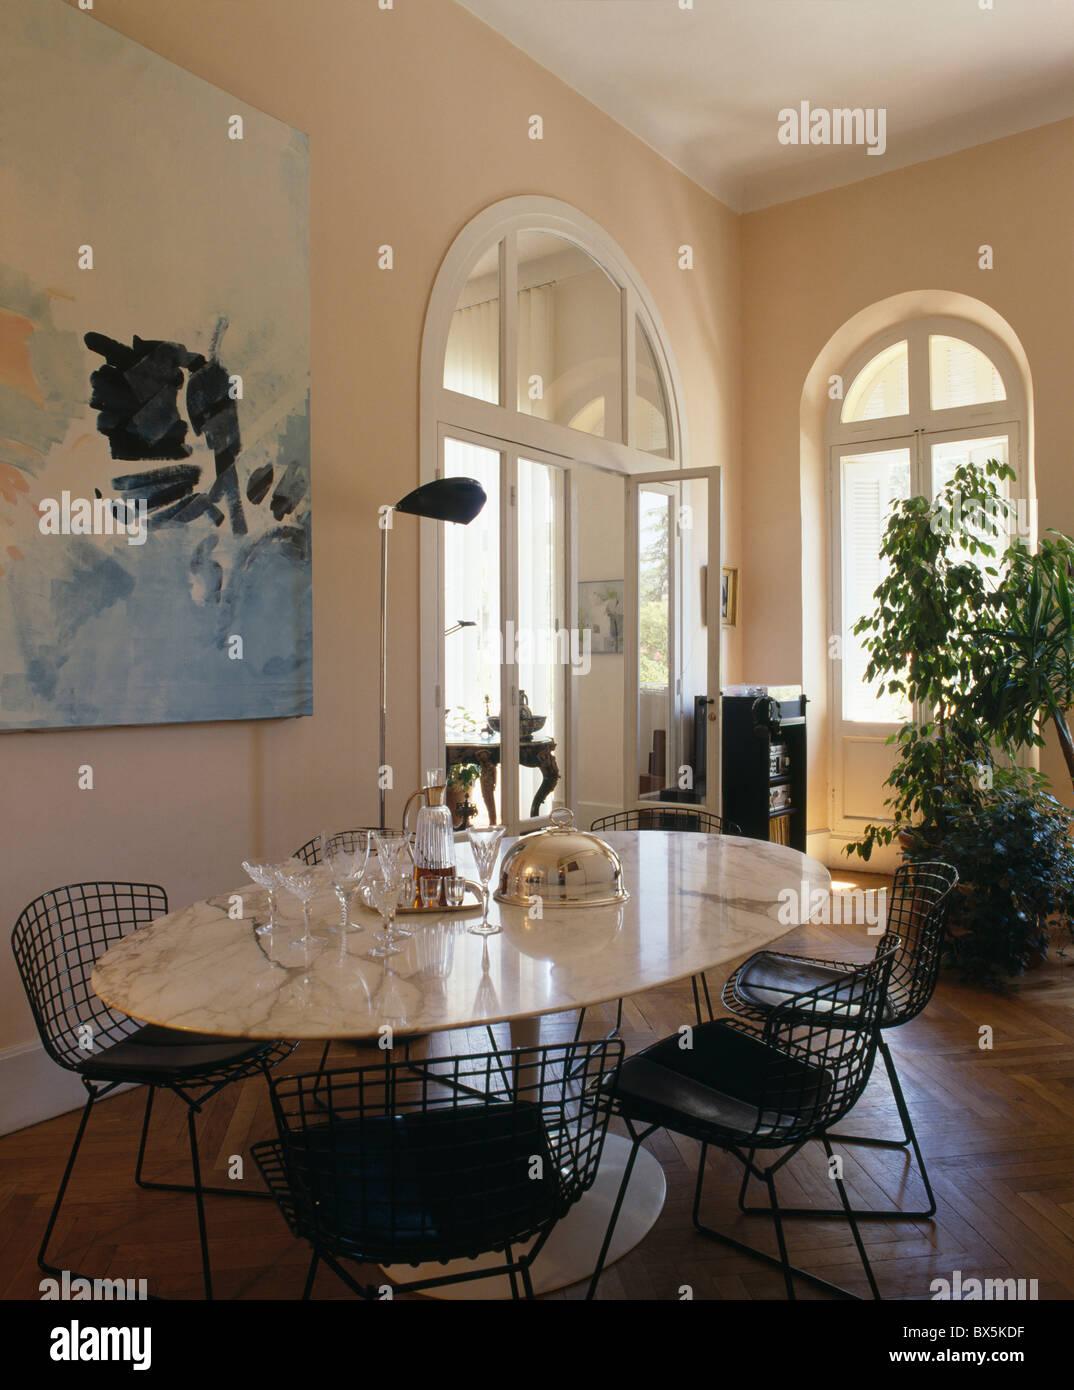 Fesselnd Modernen Oval Marmor Spitze Tisch Und Schwarz Metall Bertoia Stühle Im  Stadthaus Speisesaal Mit Großen Bildern Und Hohen Zimmerpflanze